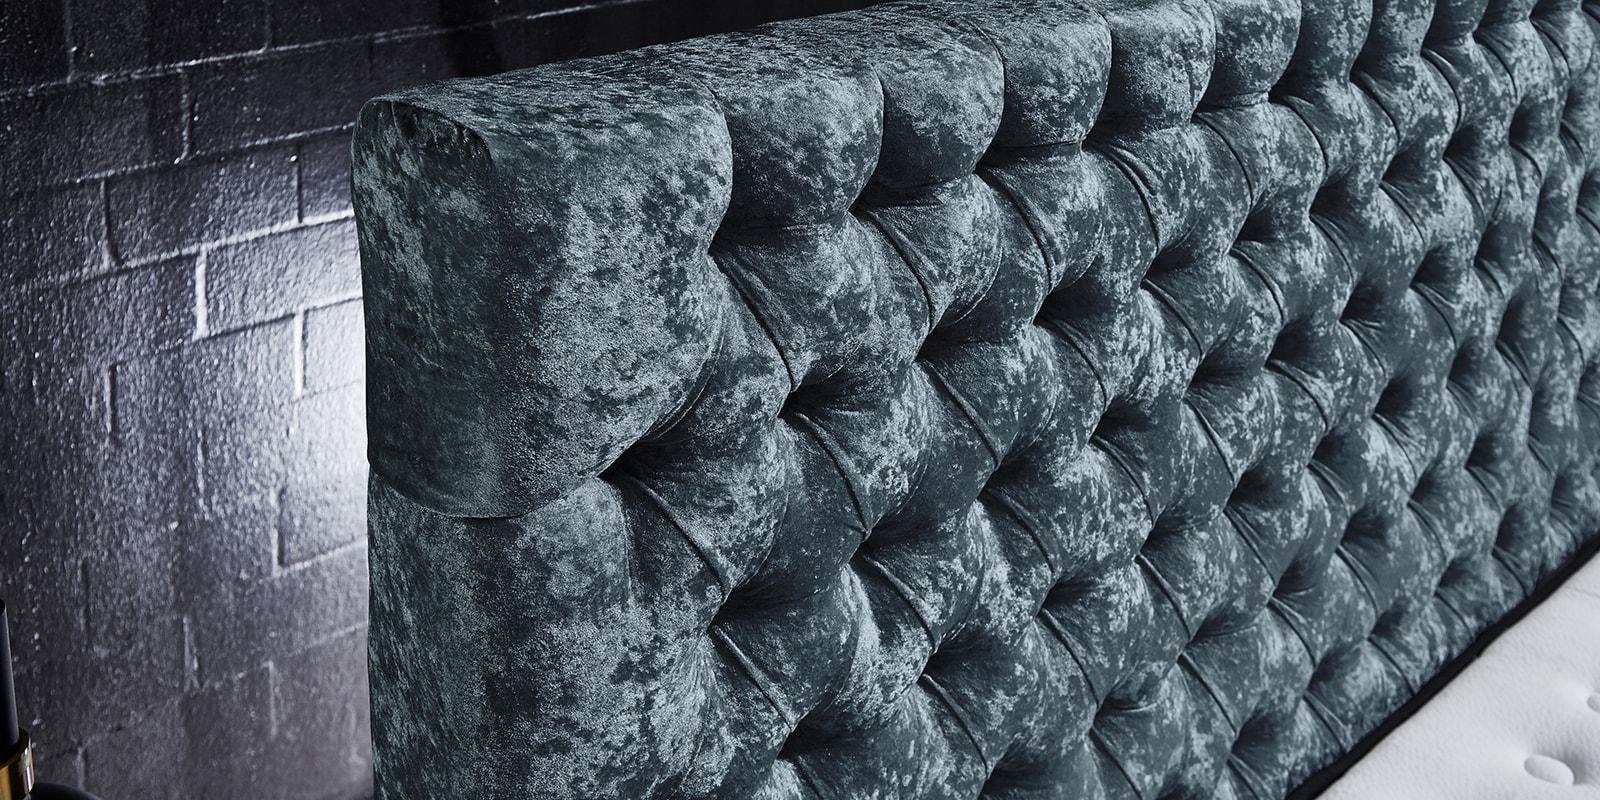 Moebella24 - Boxspringbett Manchester - Kopfteil mit Knopfheftung - Chesterfield-Stil - Barock-Stil - Samt glänzend petrol Kopfteil von der Seite